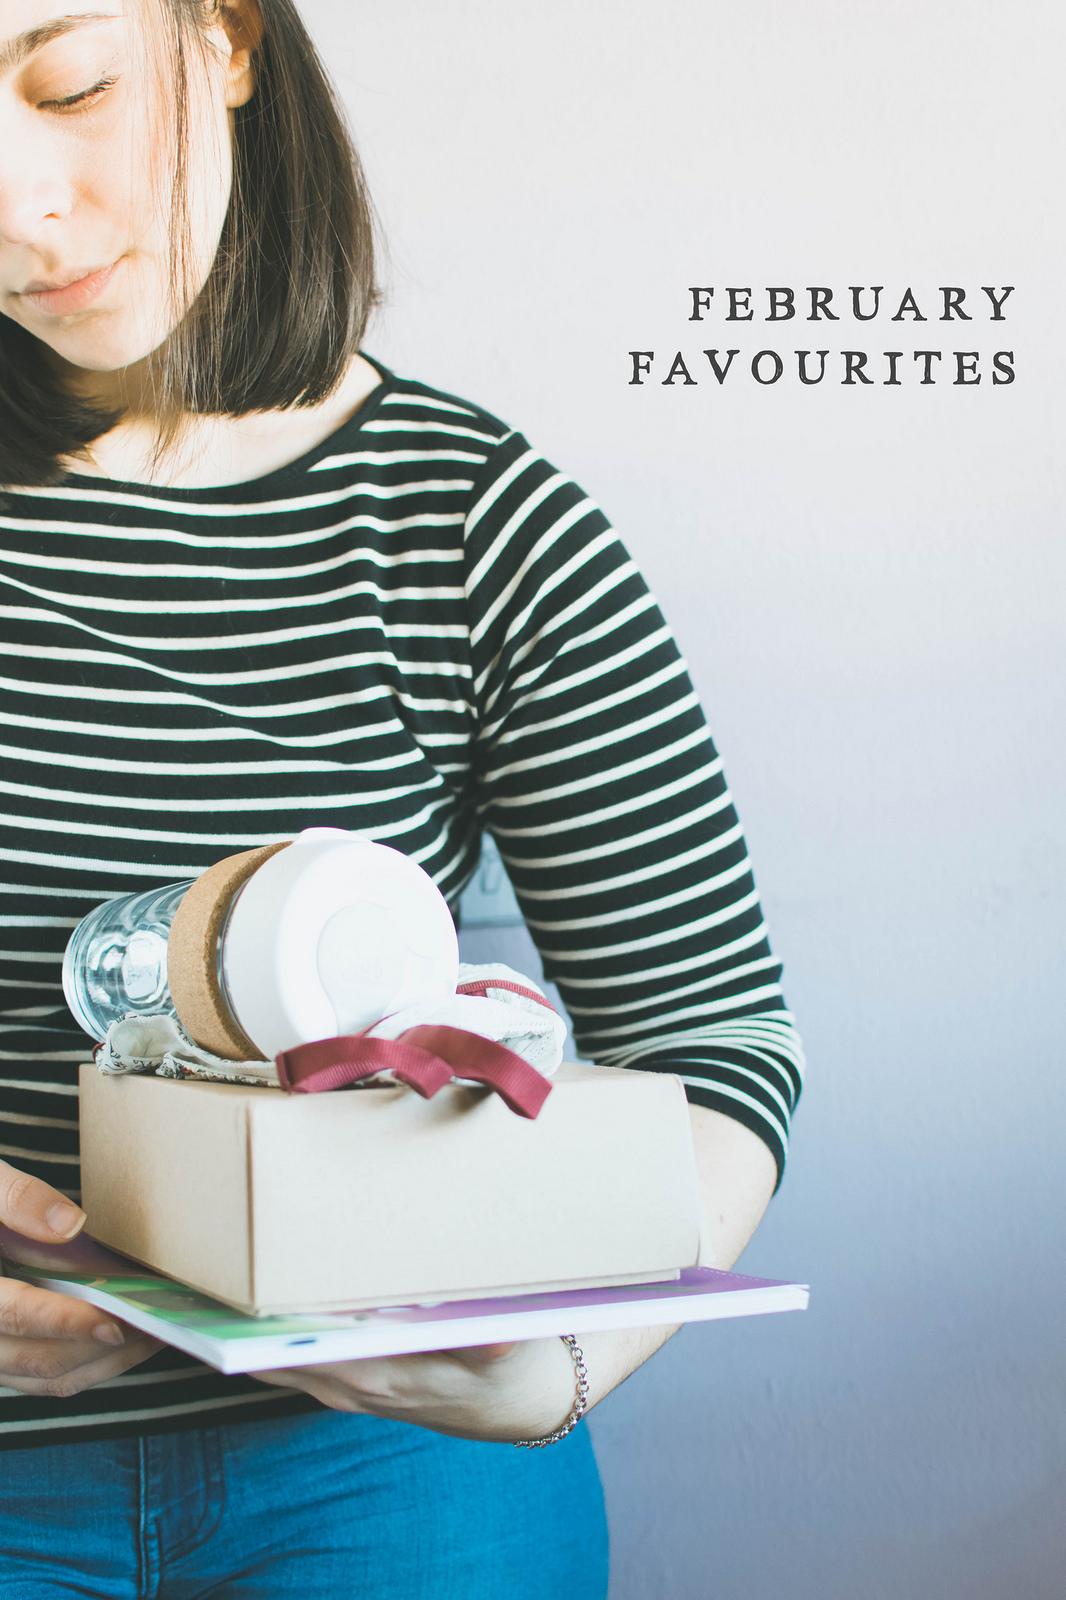 In February I